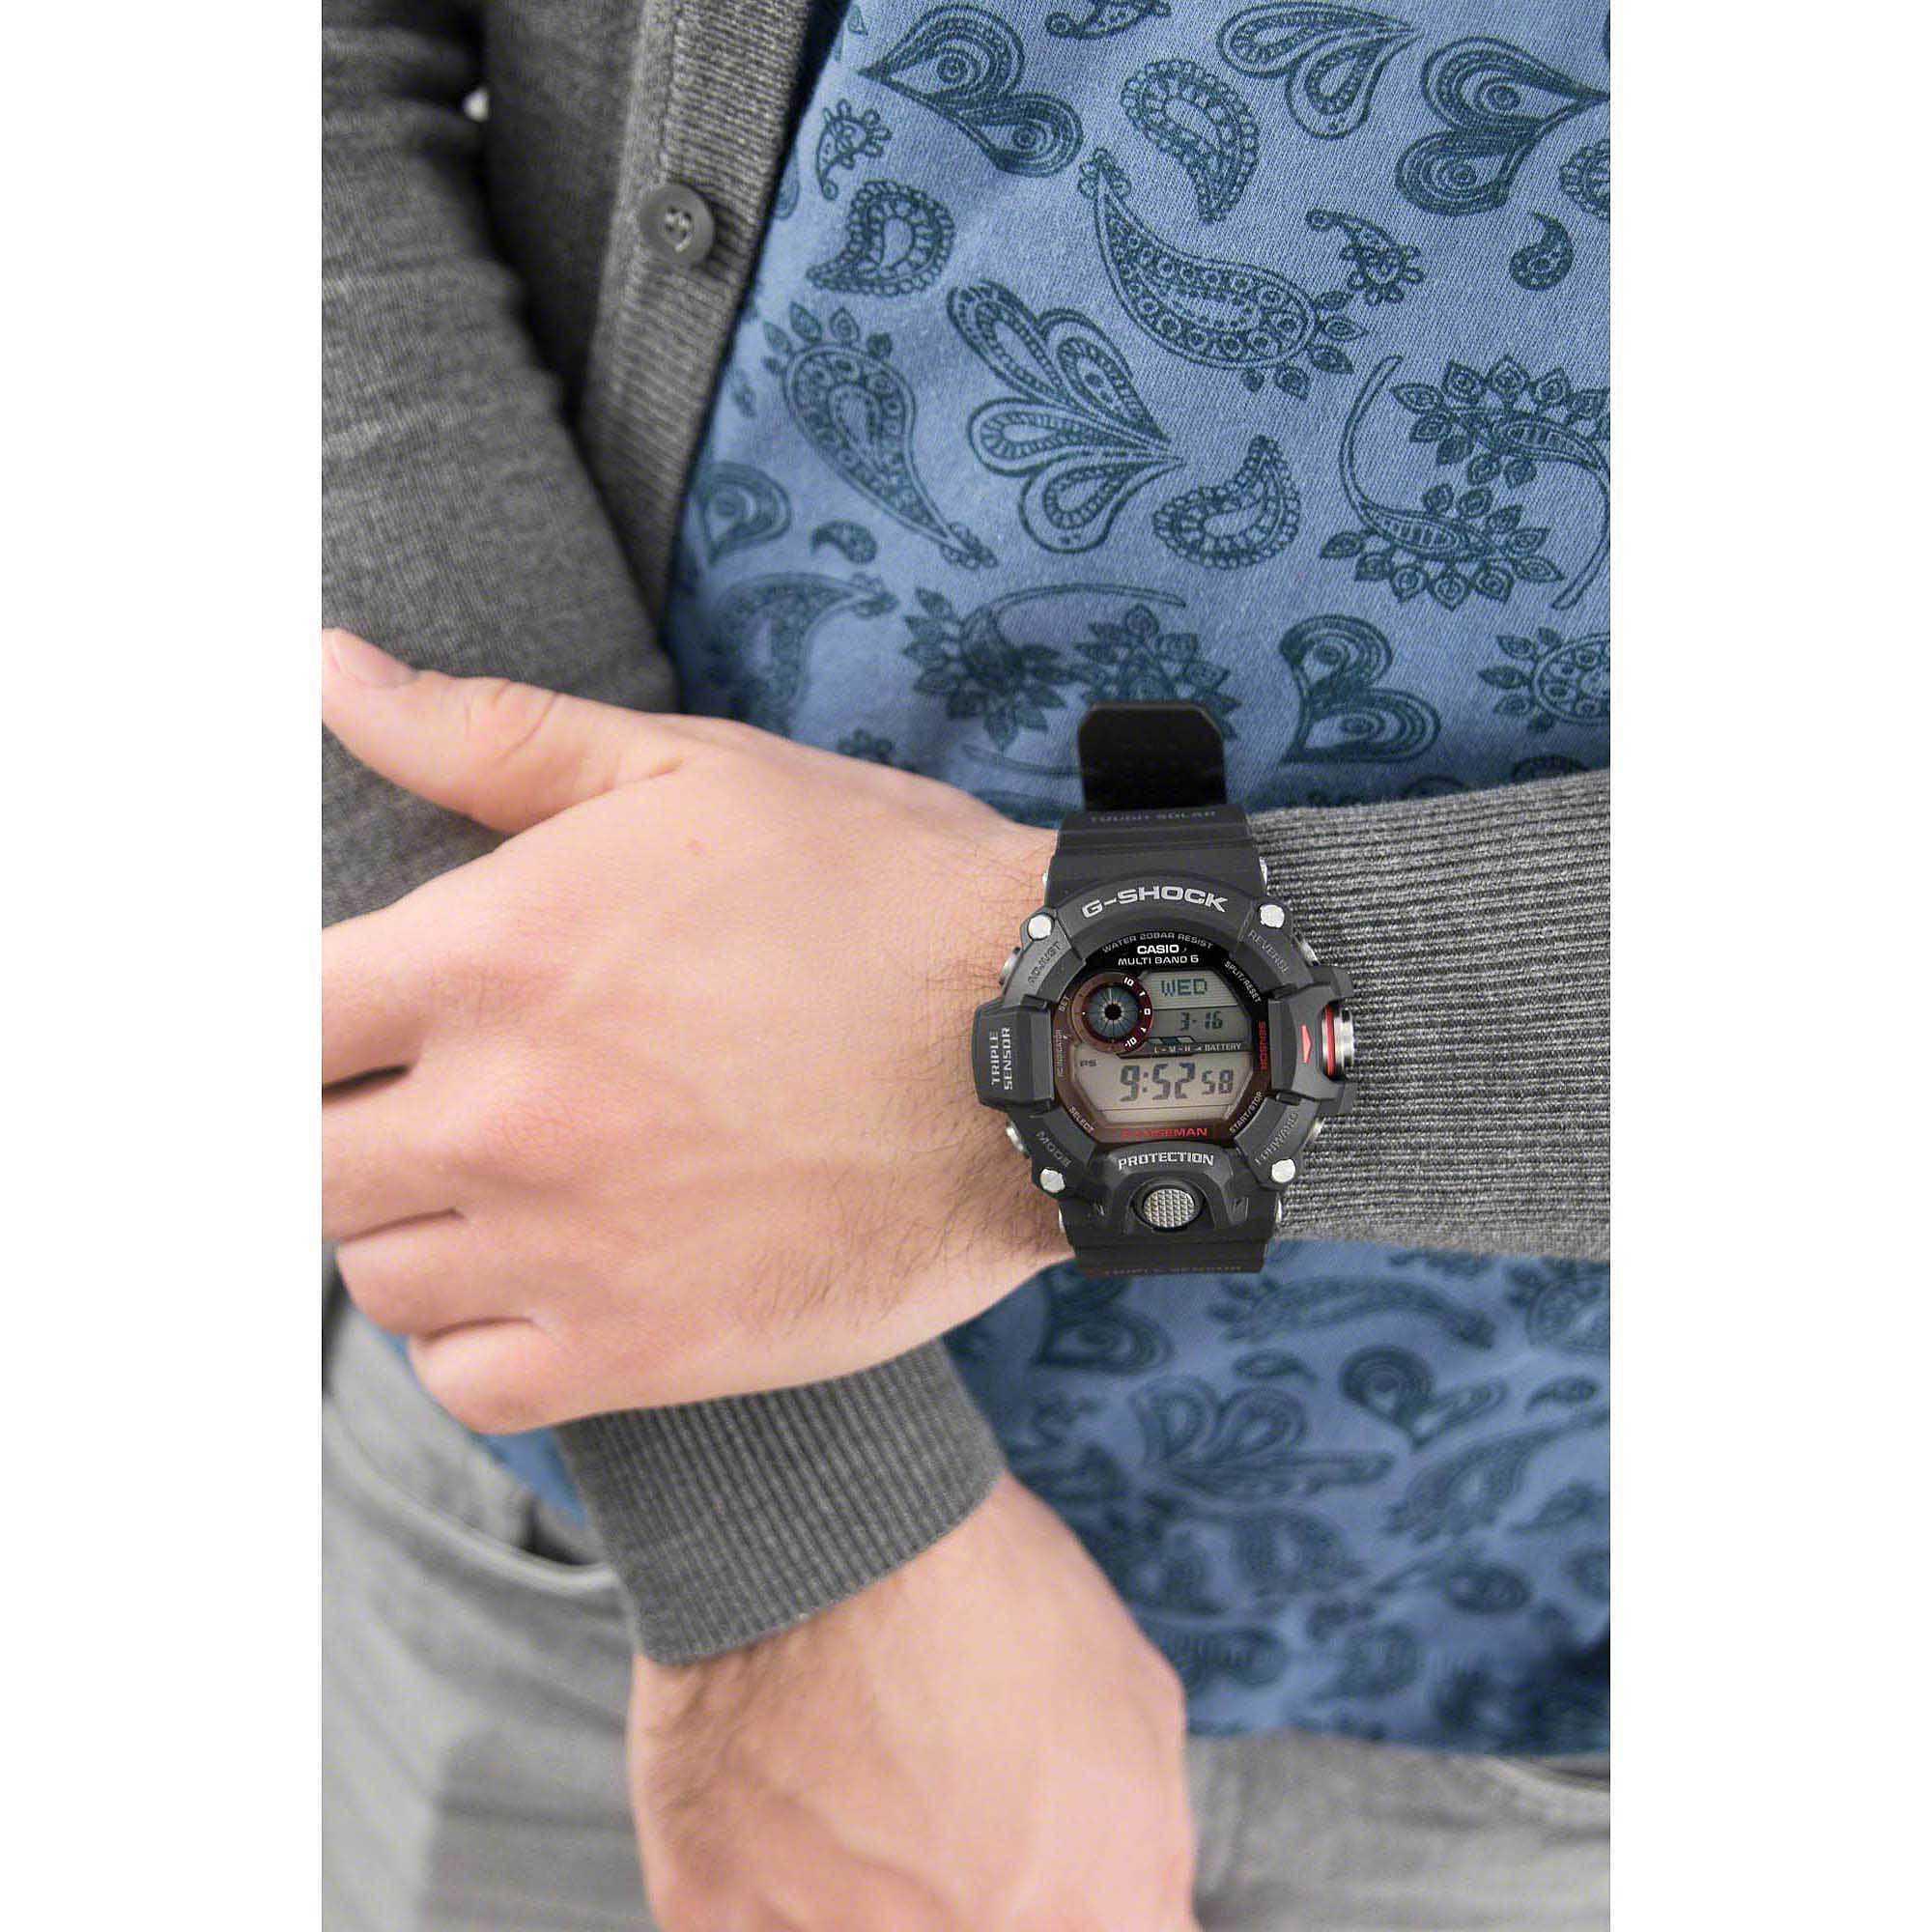 1887125de51035 montre numérique unisex Casio G-SHOCK GW-9400-1ER numériques Casio